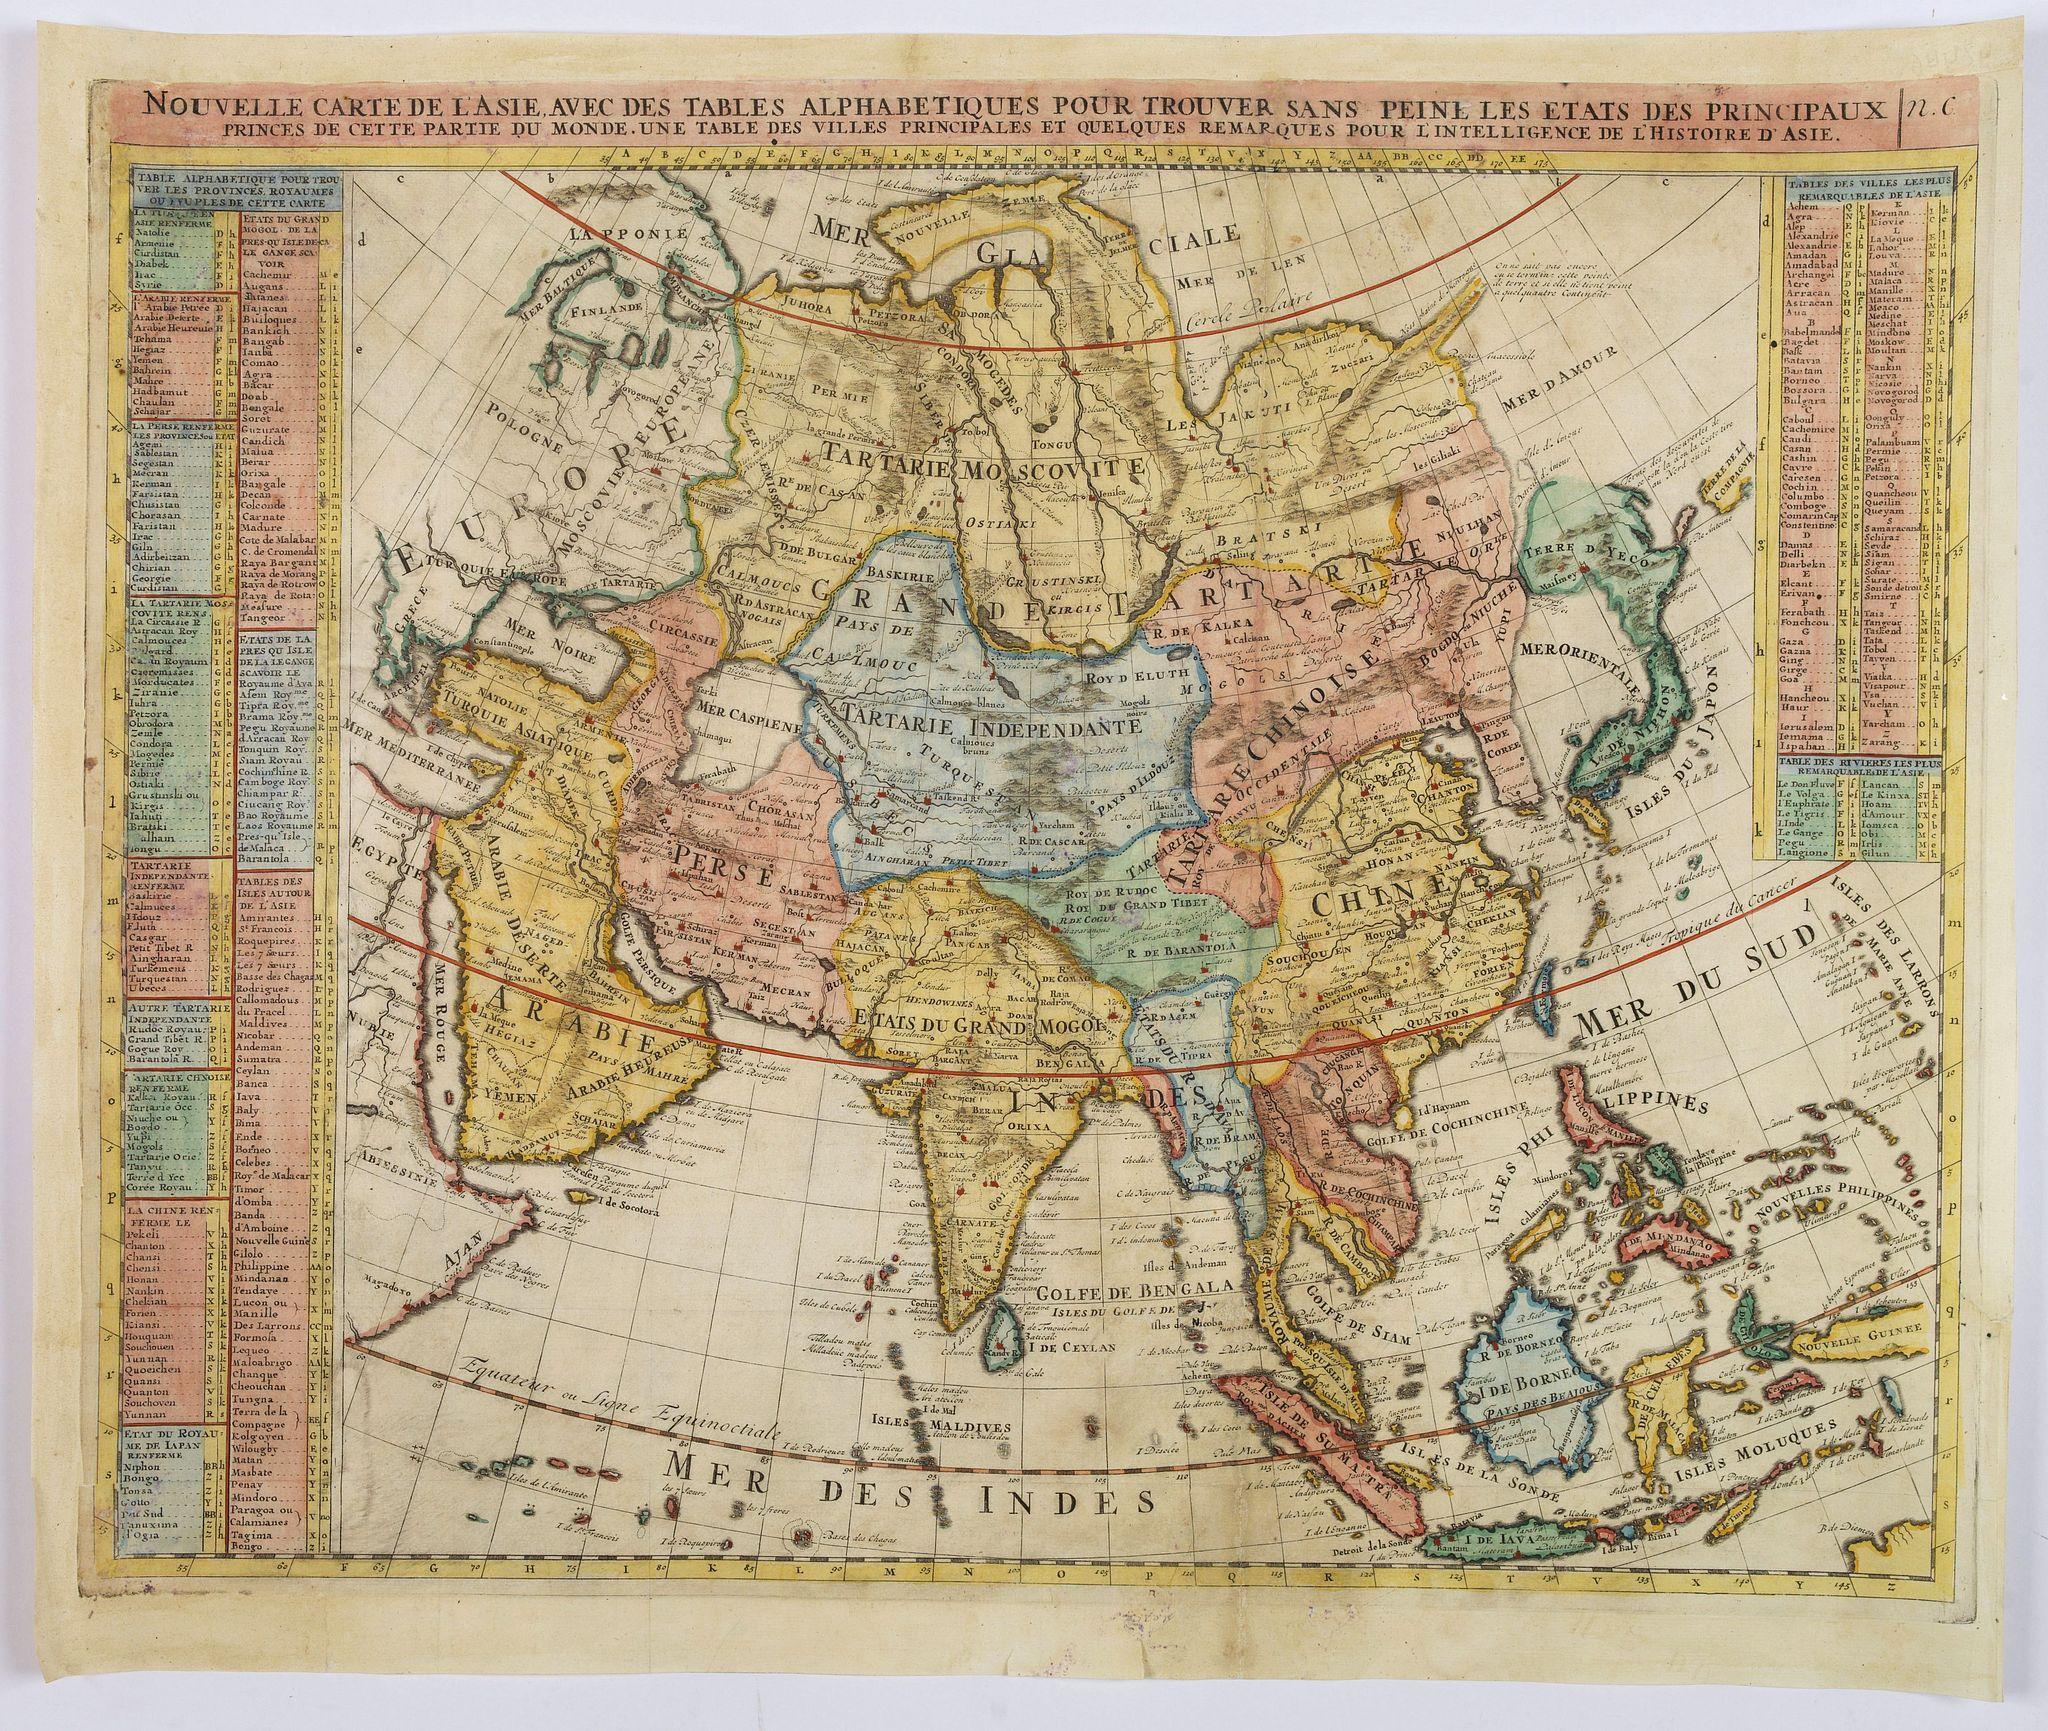 CHATELAIN, Henri. - Nouvelle Carte de l'Asie avec des Tables Alphabetiques. . .